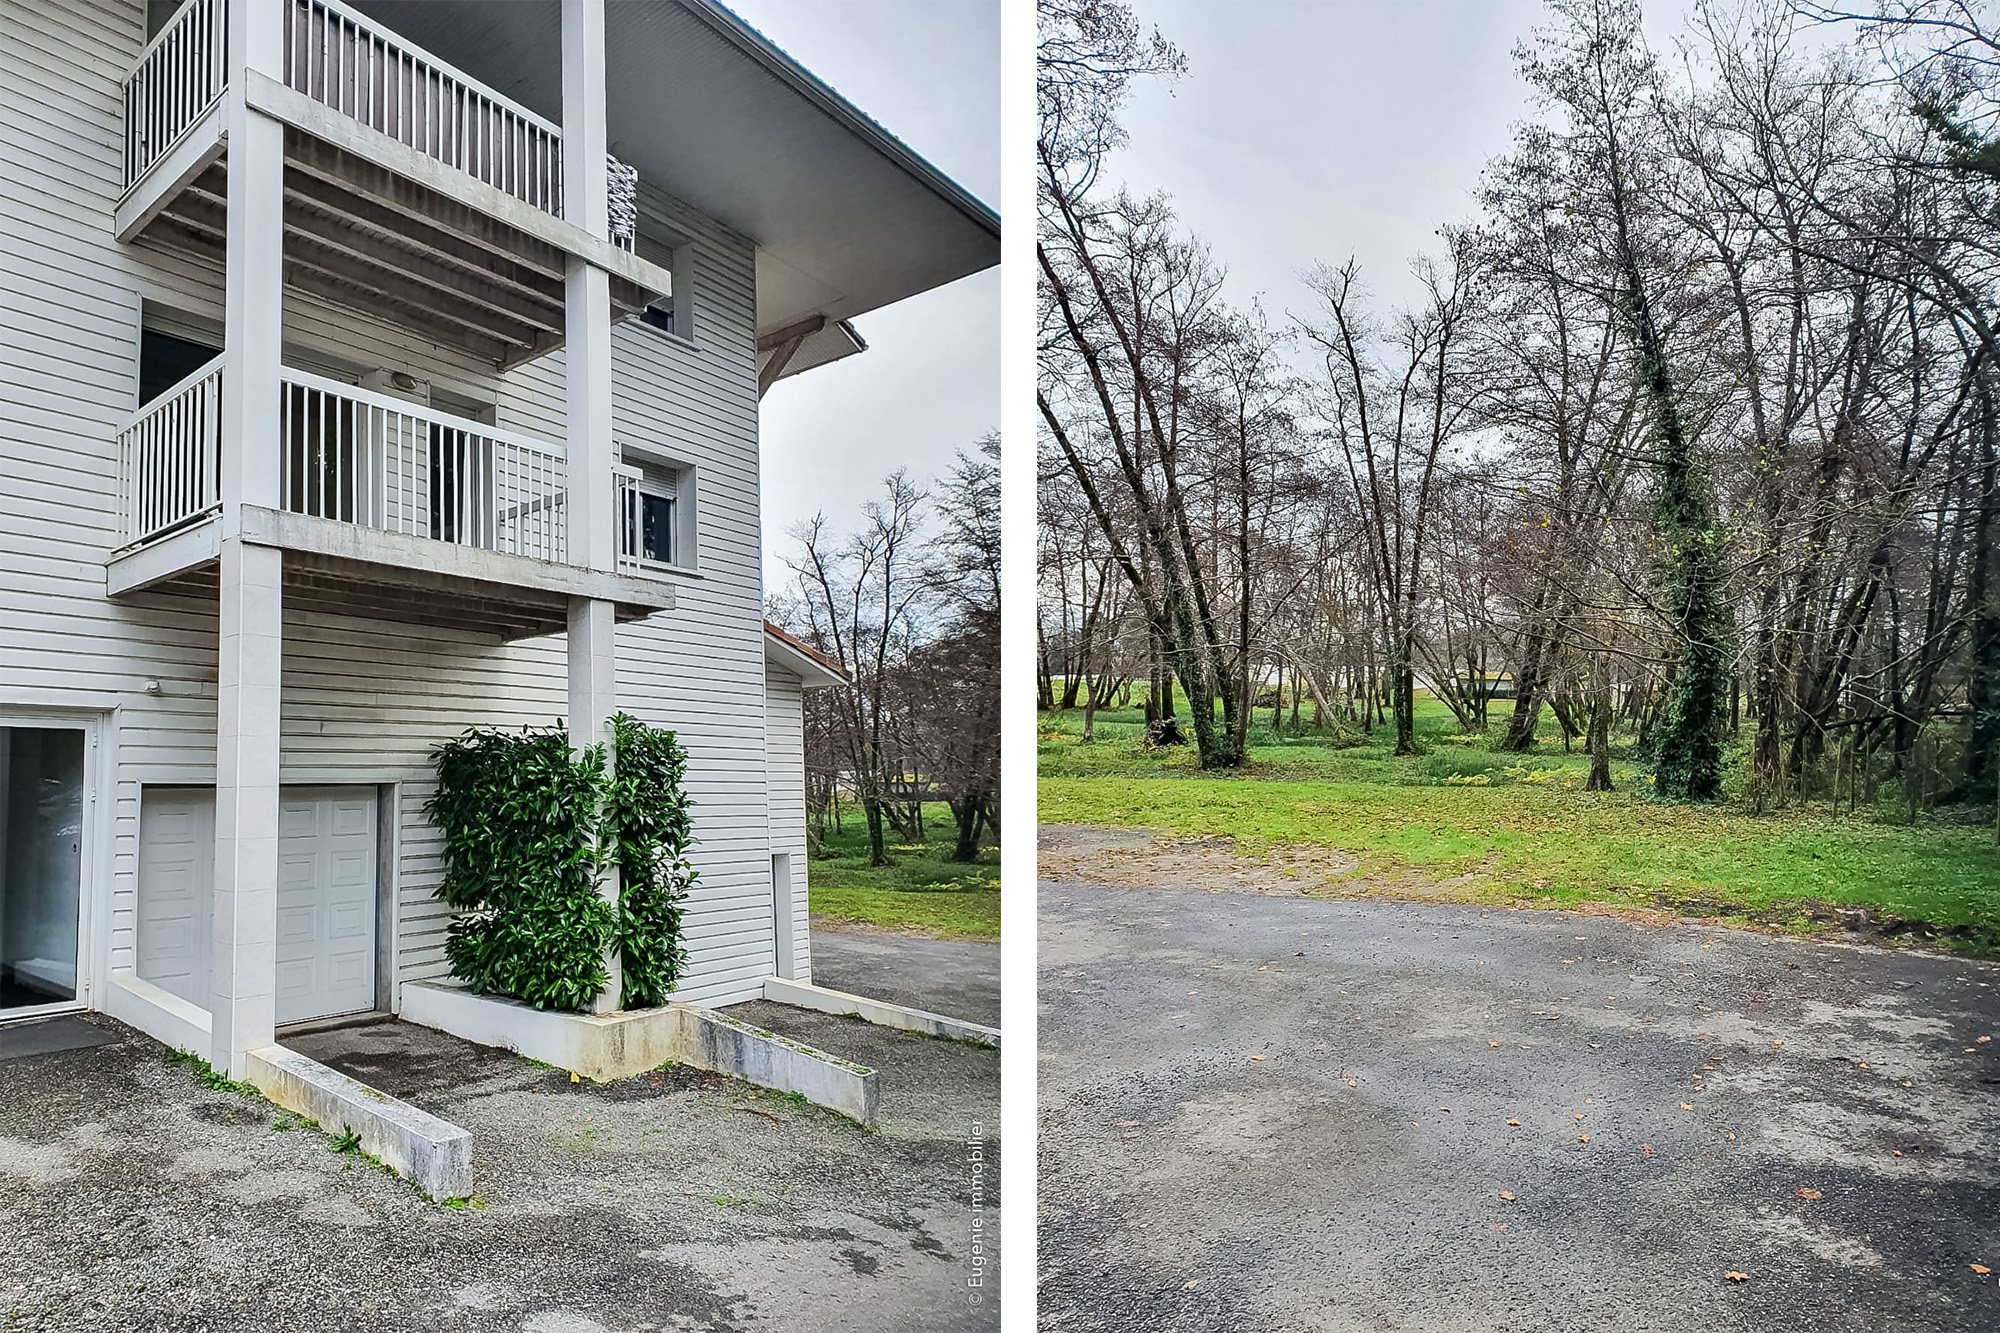 Appartement 72m² T3 Proche commerces + Terrasse au Calme